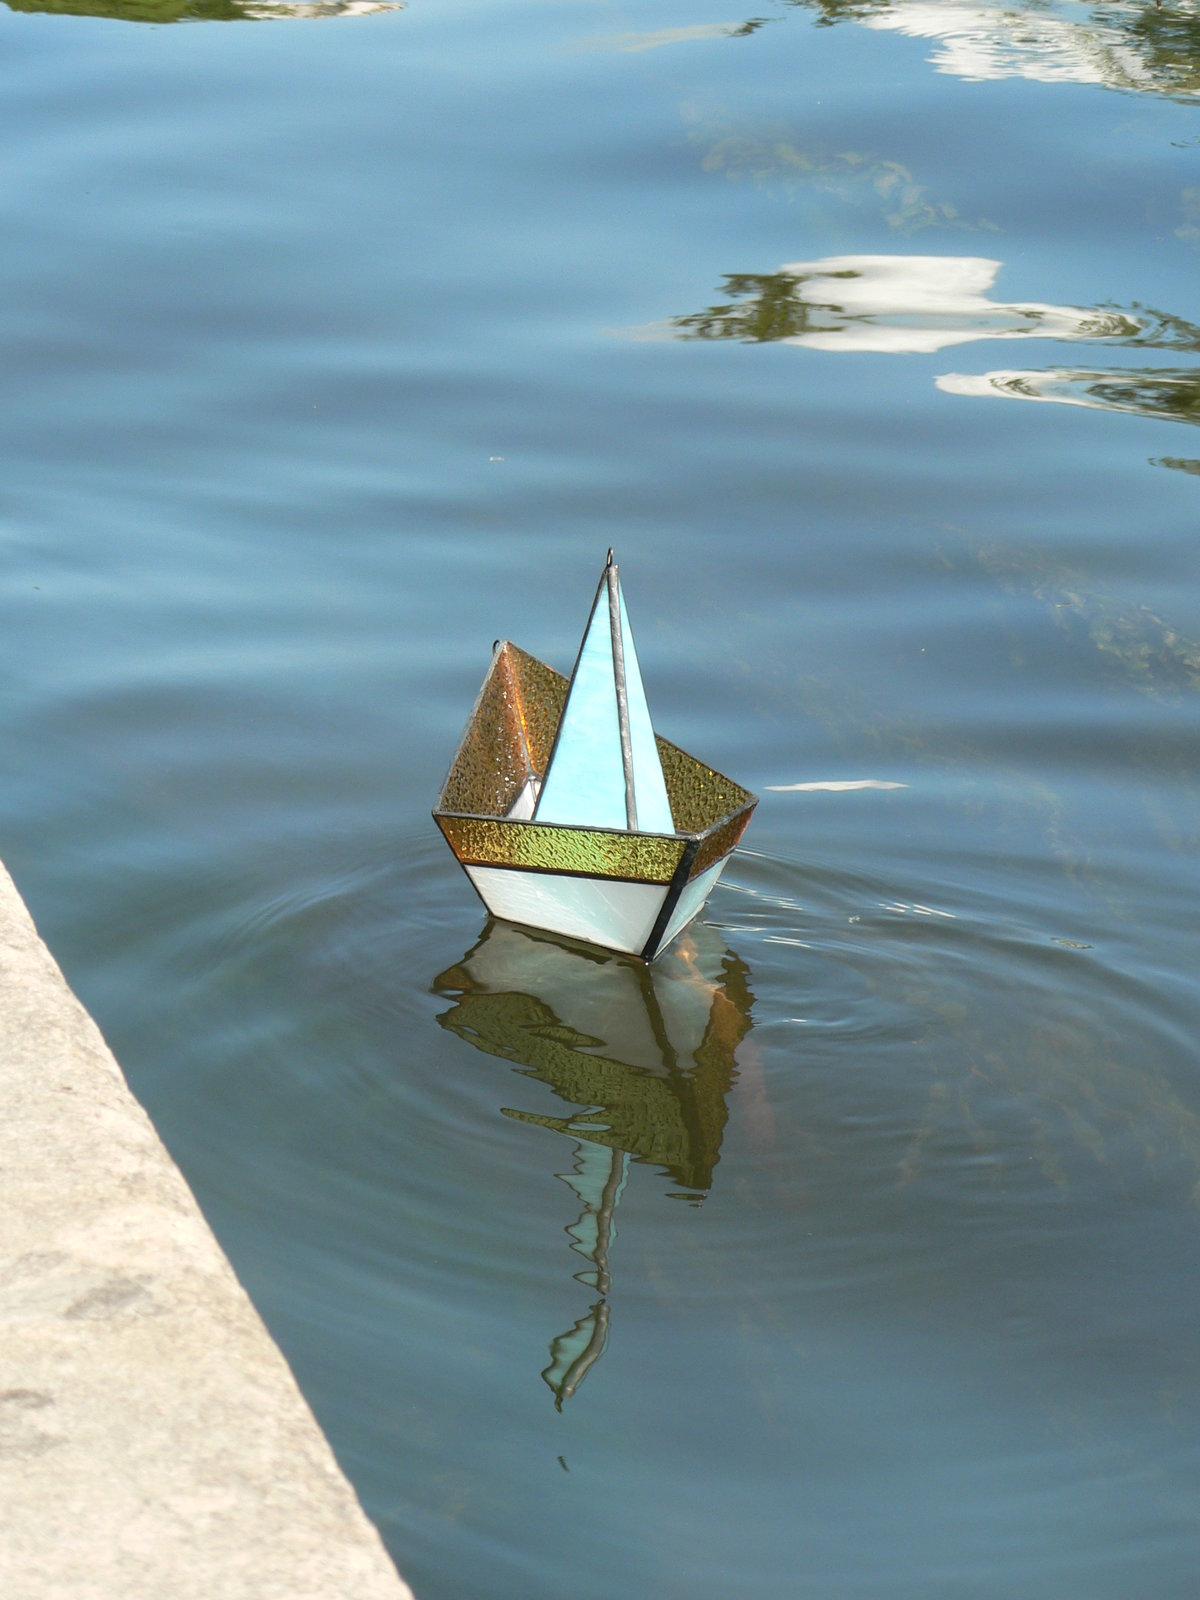 будут премировать плыви кораблик мой картинки скандирования